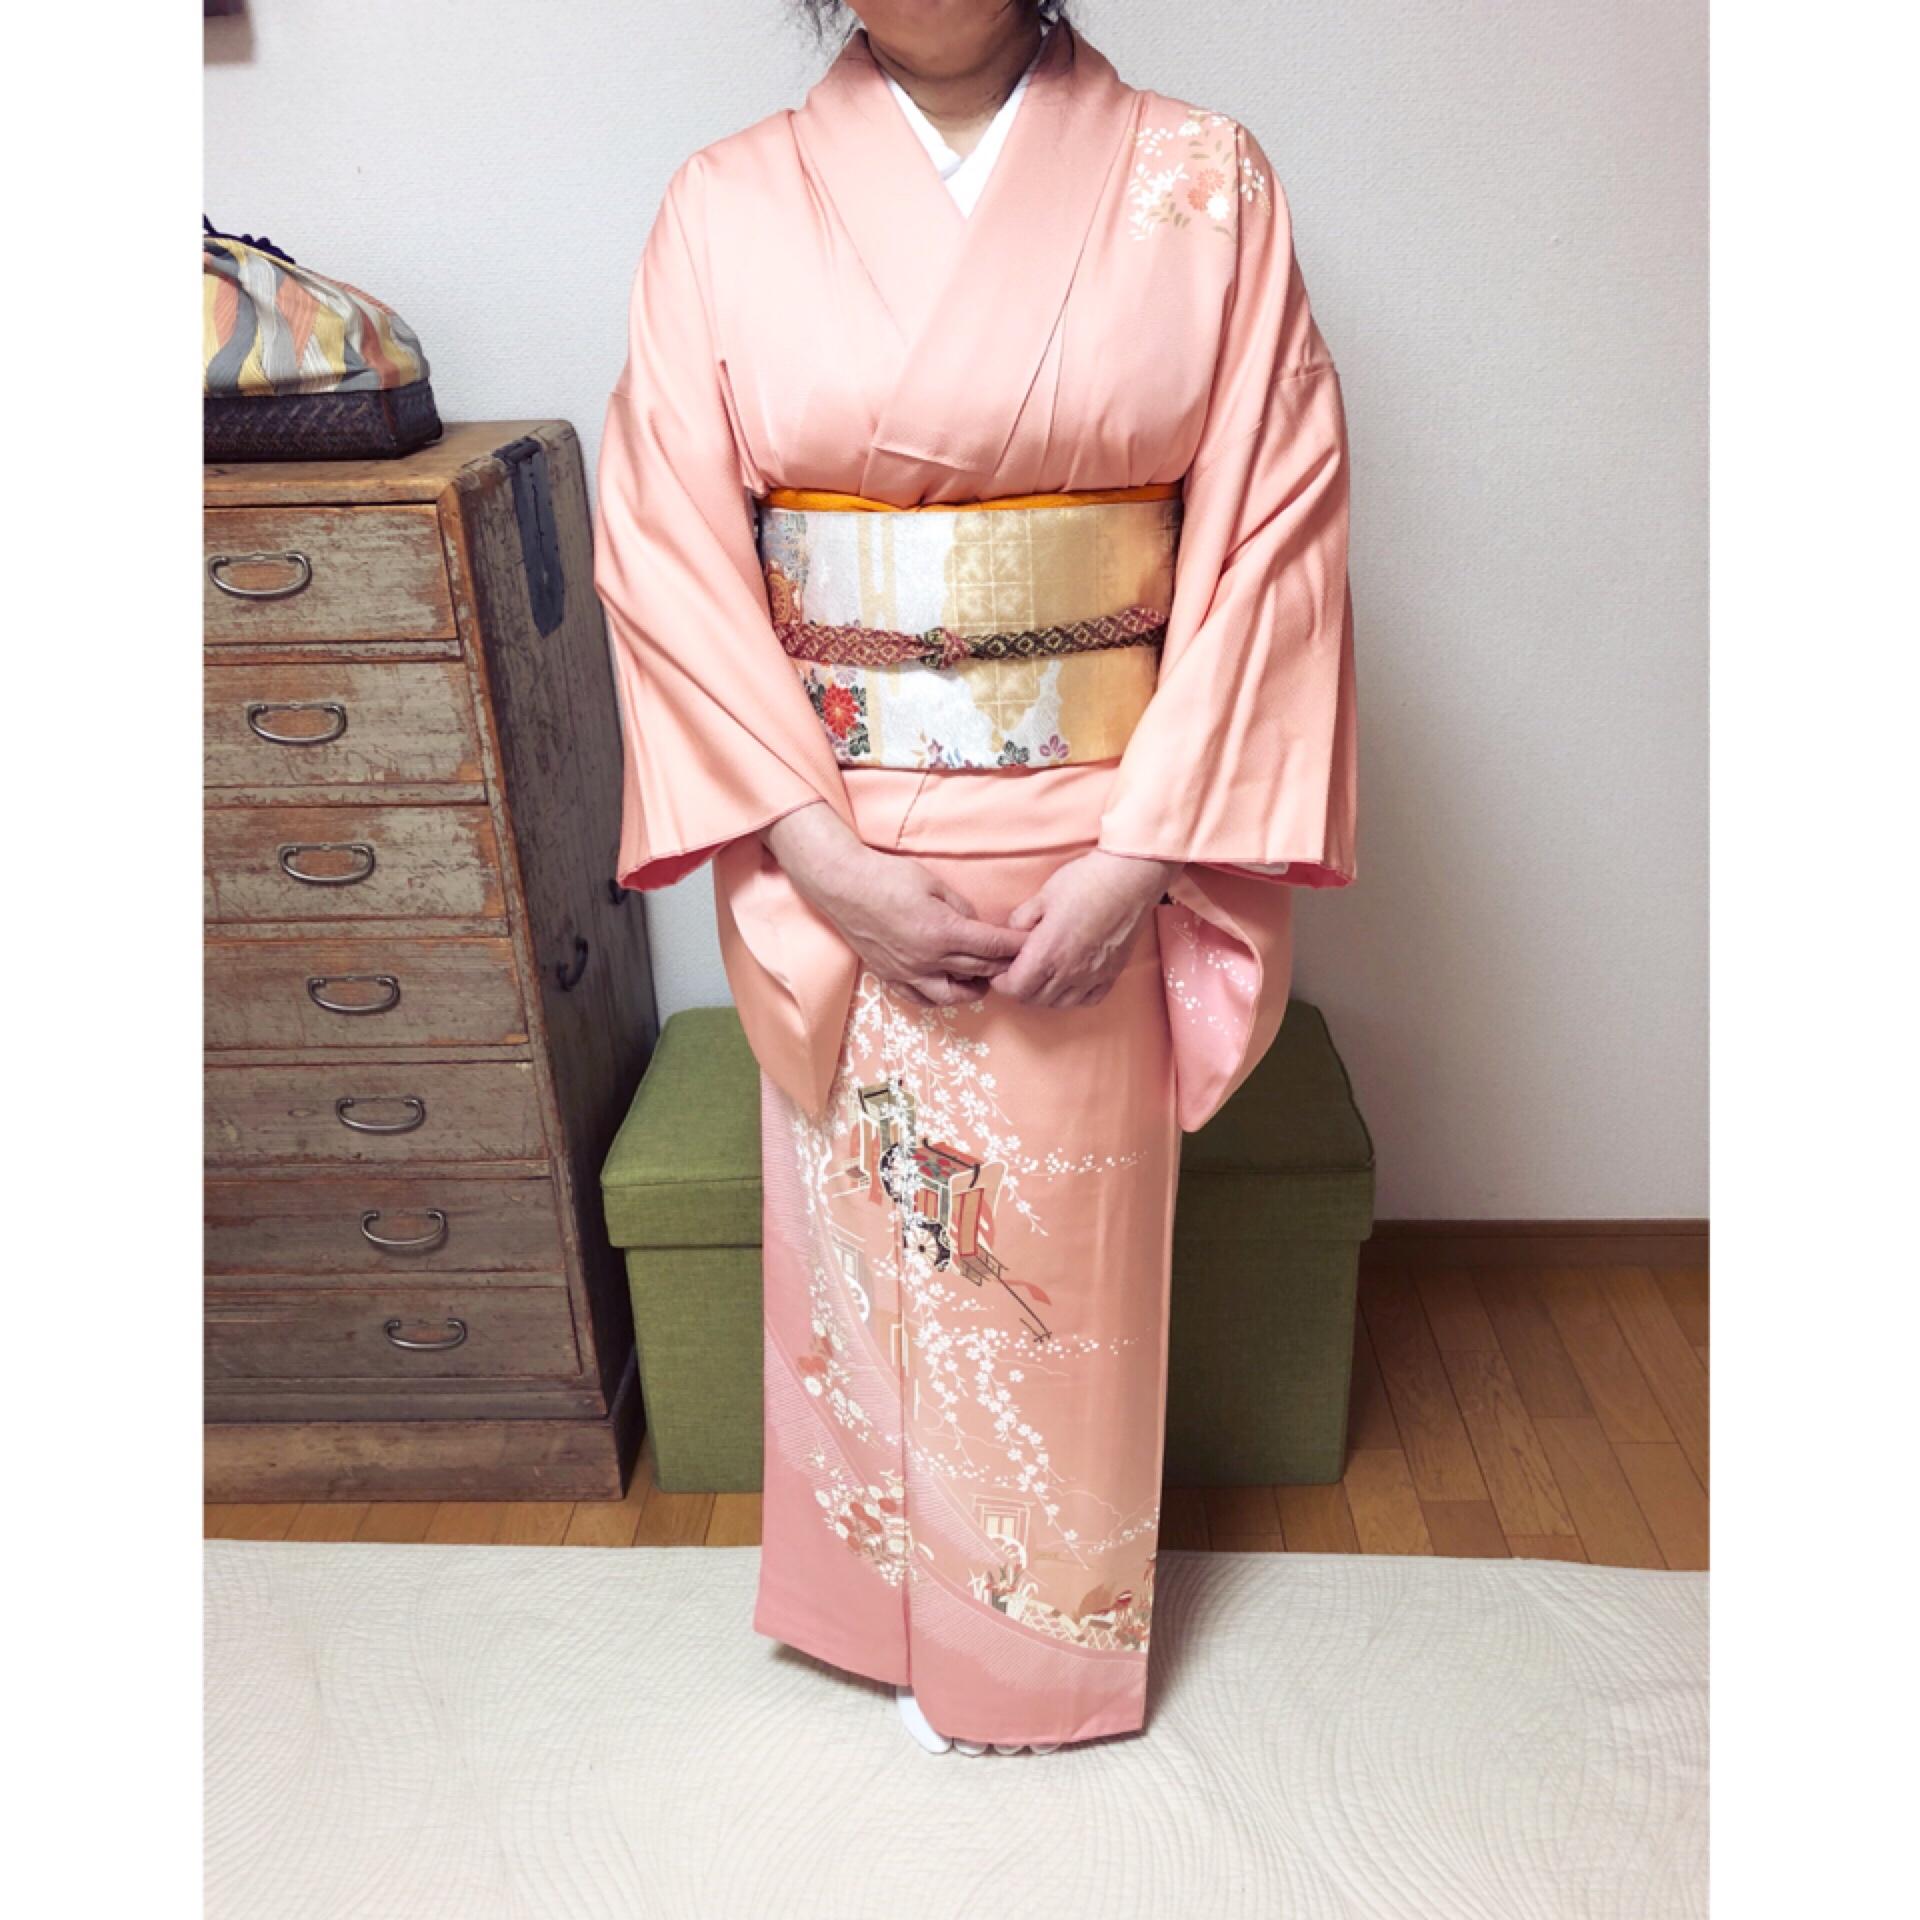 礼装コースから浴衣&半幅帯コースへ【大阪京橋の着付け教室きものたまより】